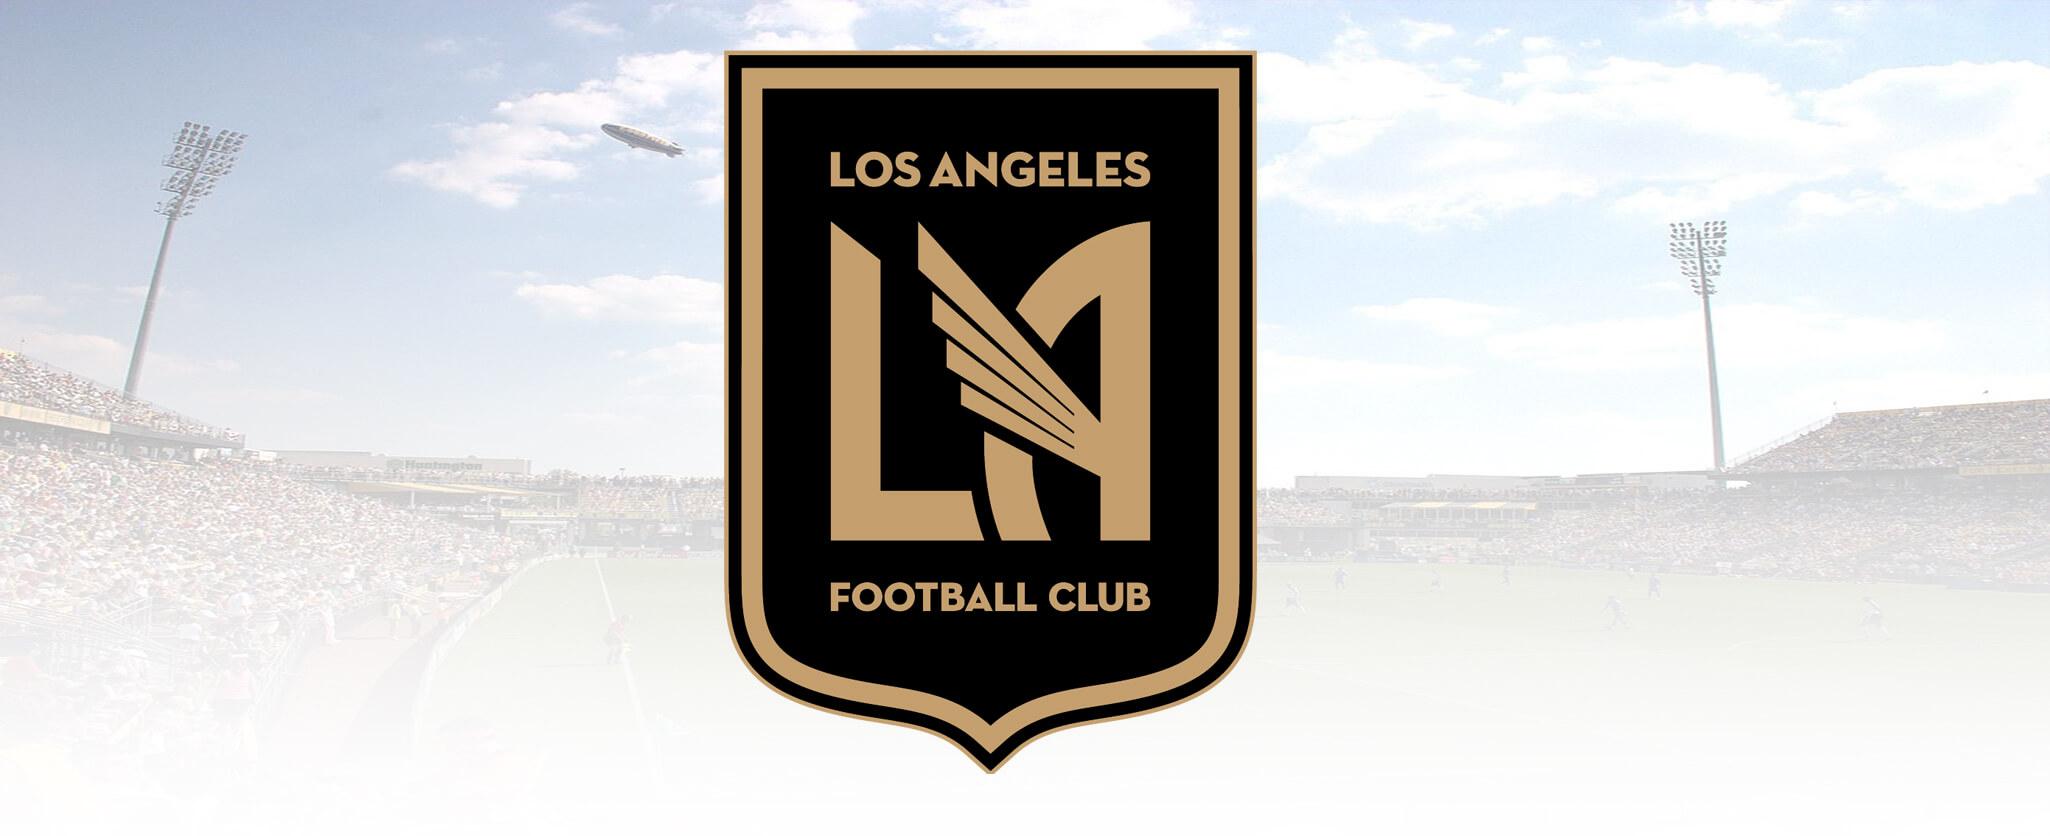 LA Football Club